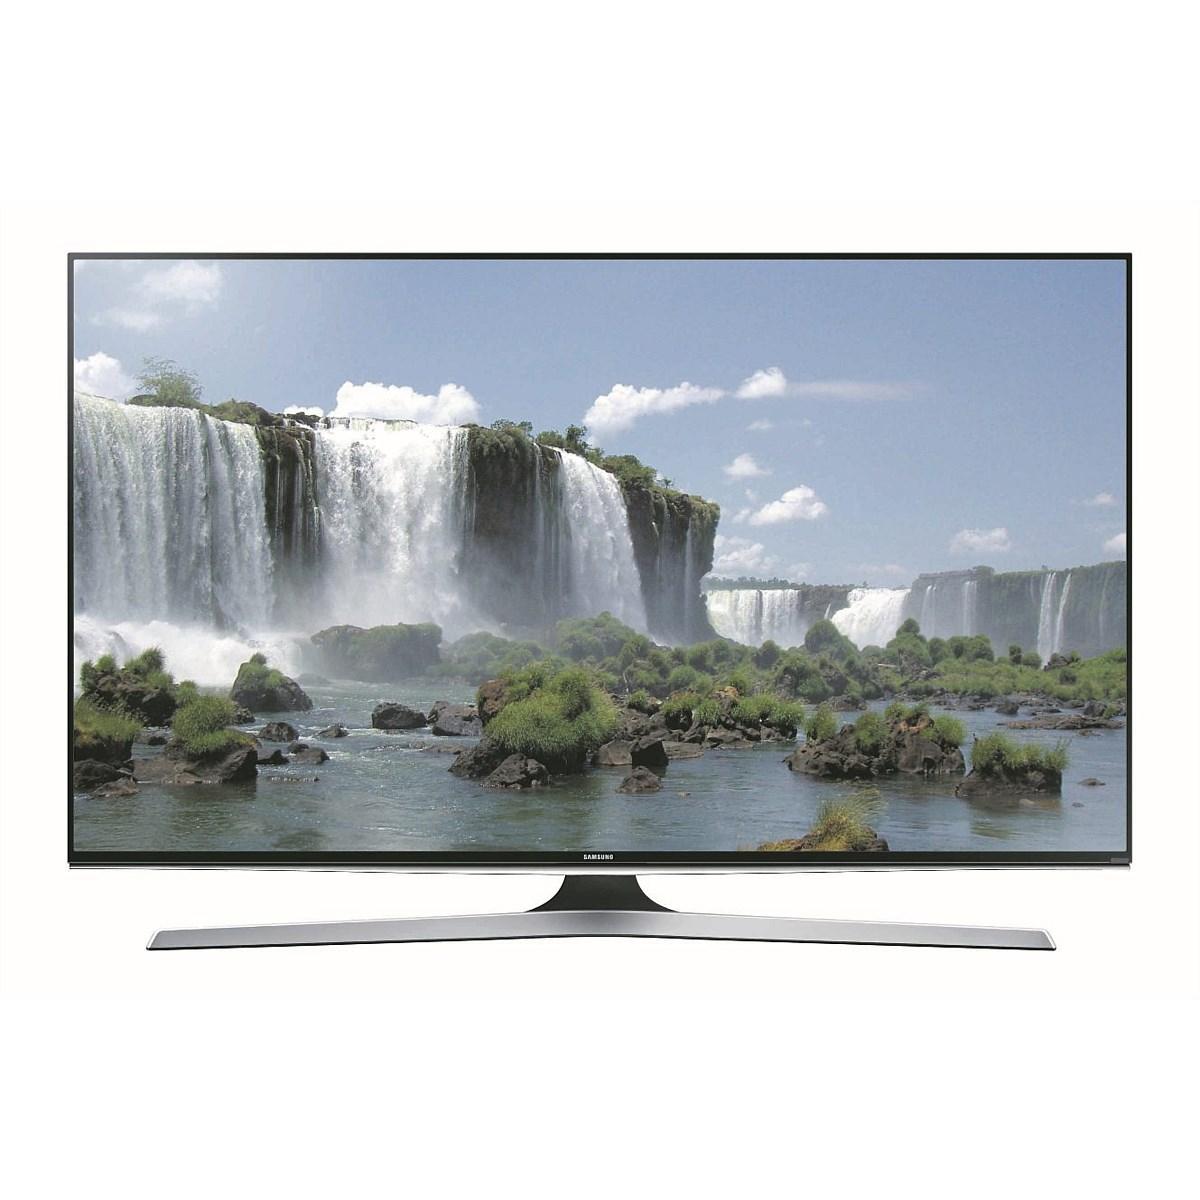 Samsung 48 inch UA-48J6200 FULL HD FLAT DIGITAL SMART LED TV